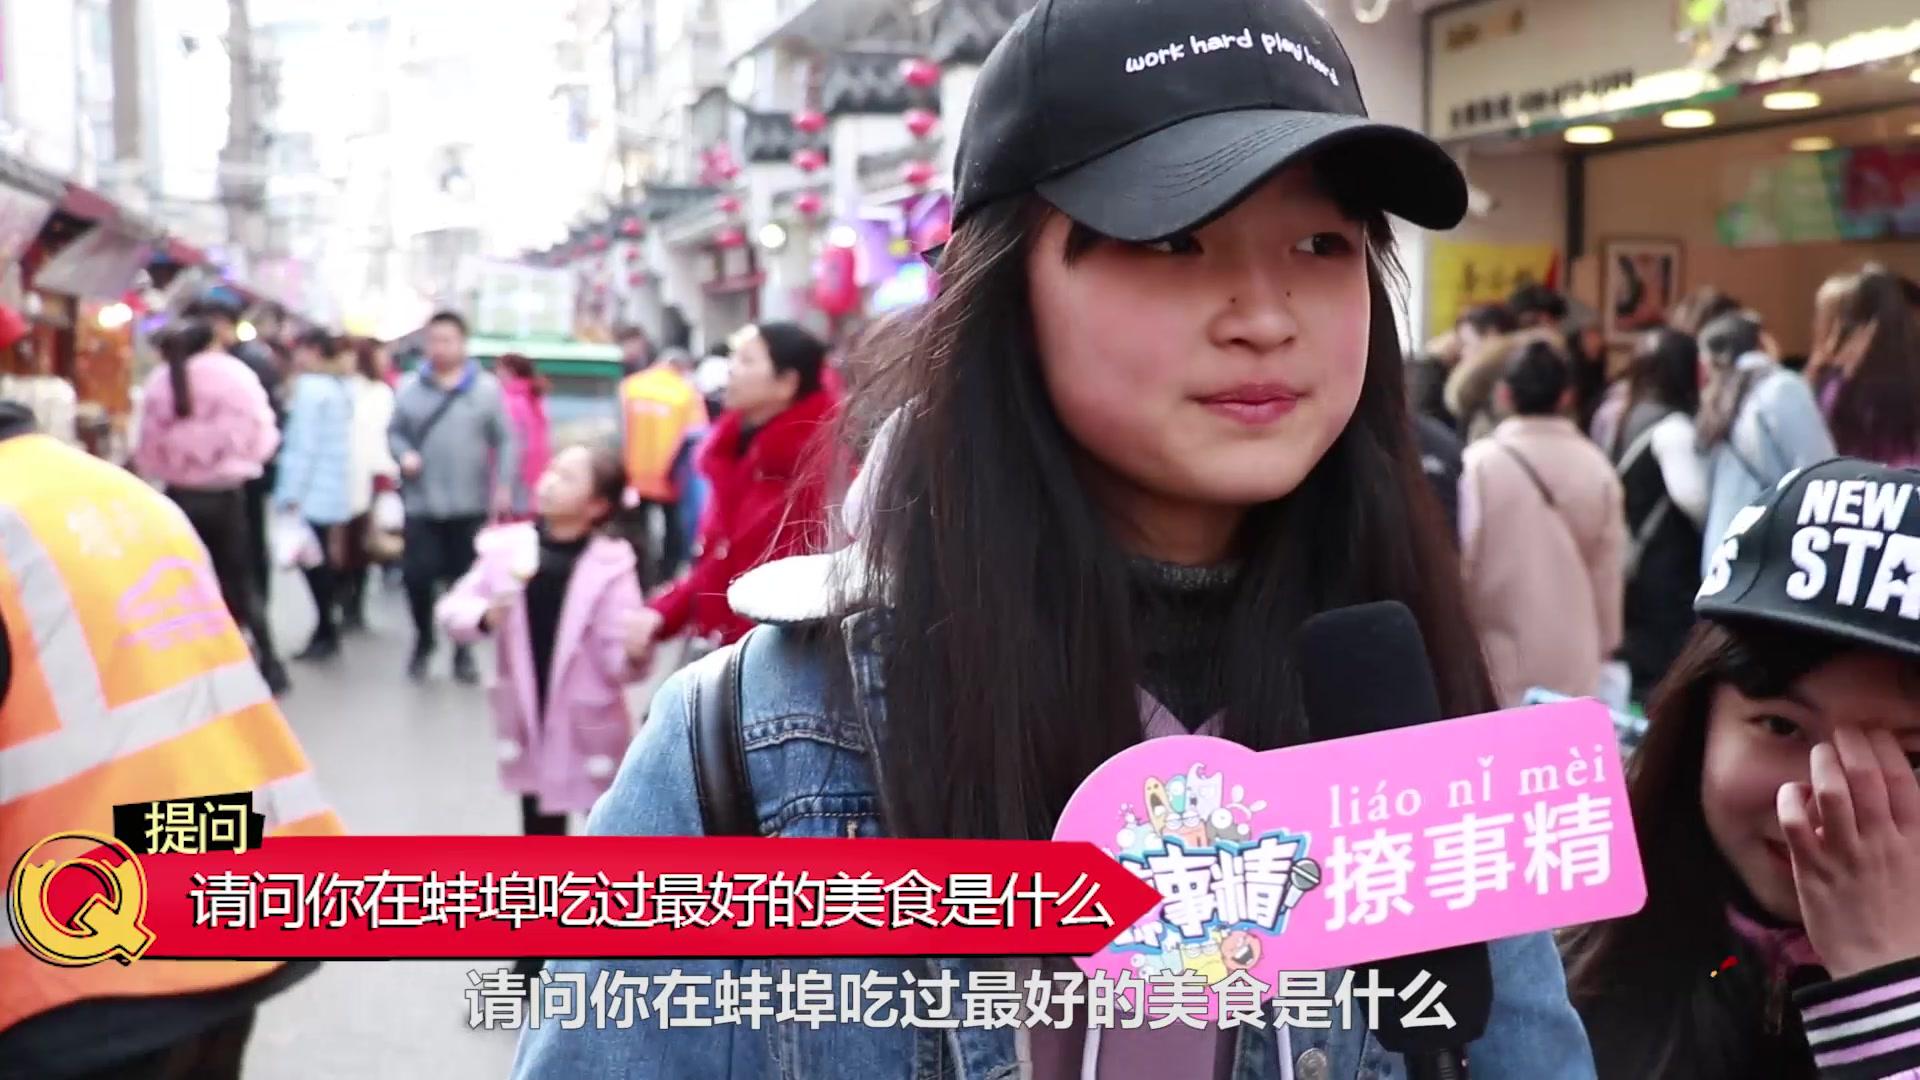 蚌埠新闻小吃街_撩事精街访|你觉得蚌埠最好吃的美食是什么?_日常_生活_bilibili_哔 ...